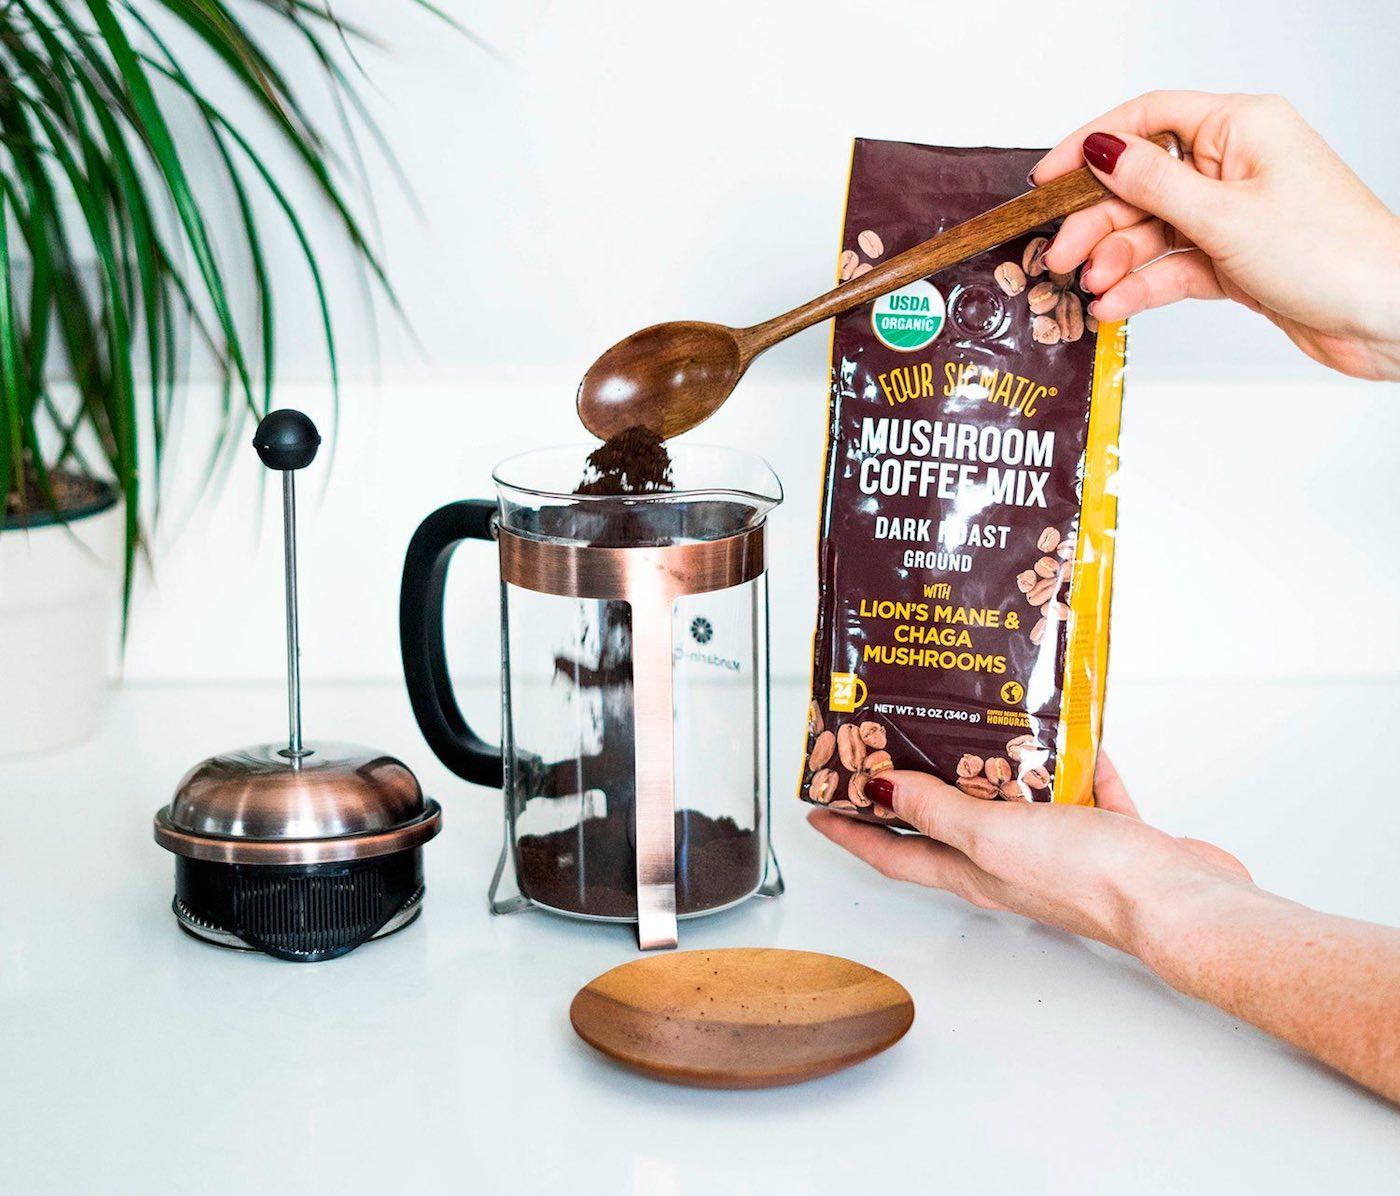 Mushrooms coffee